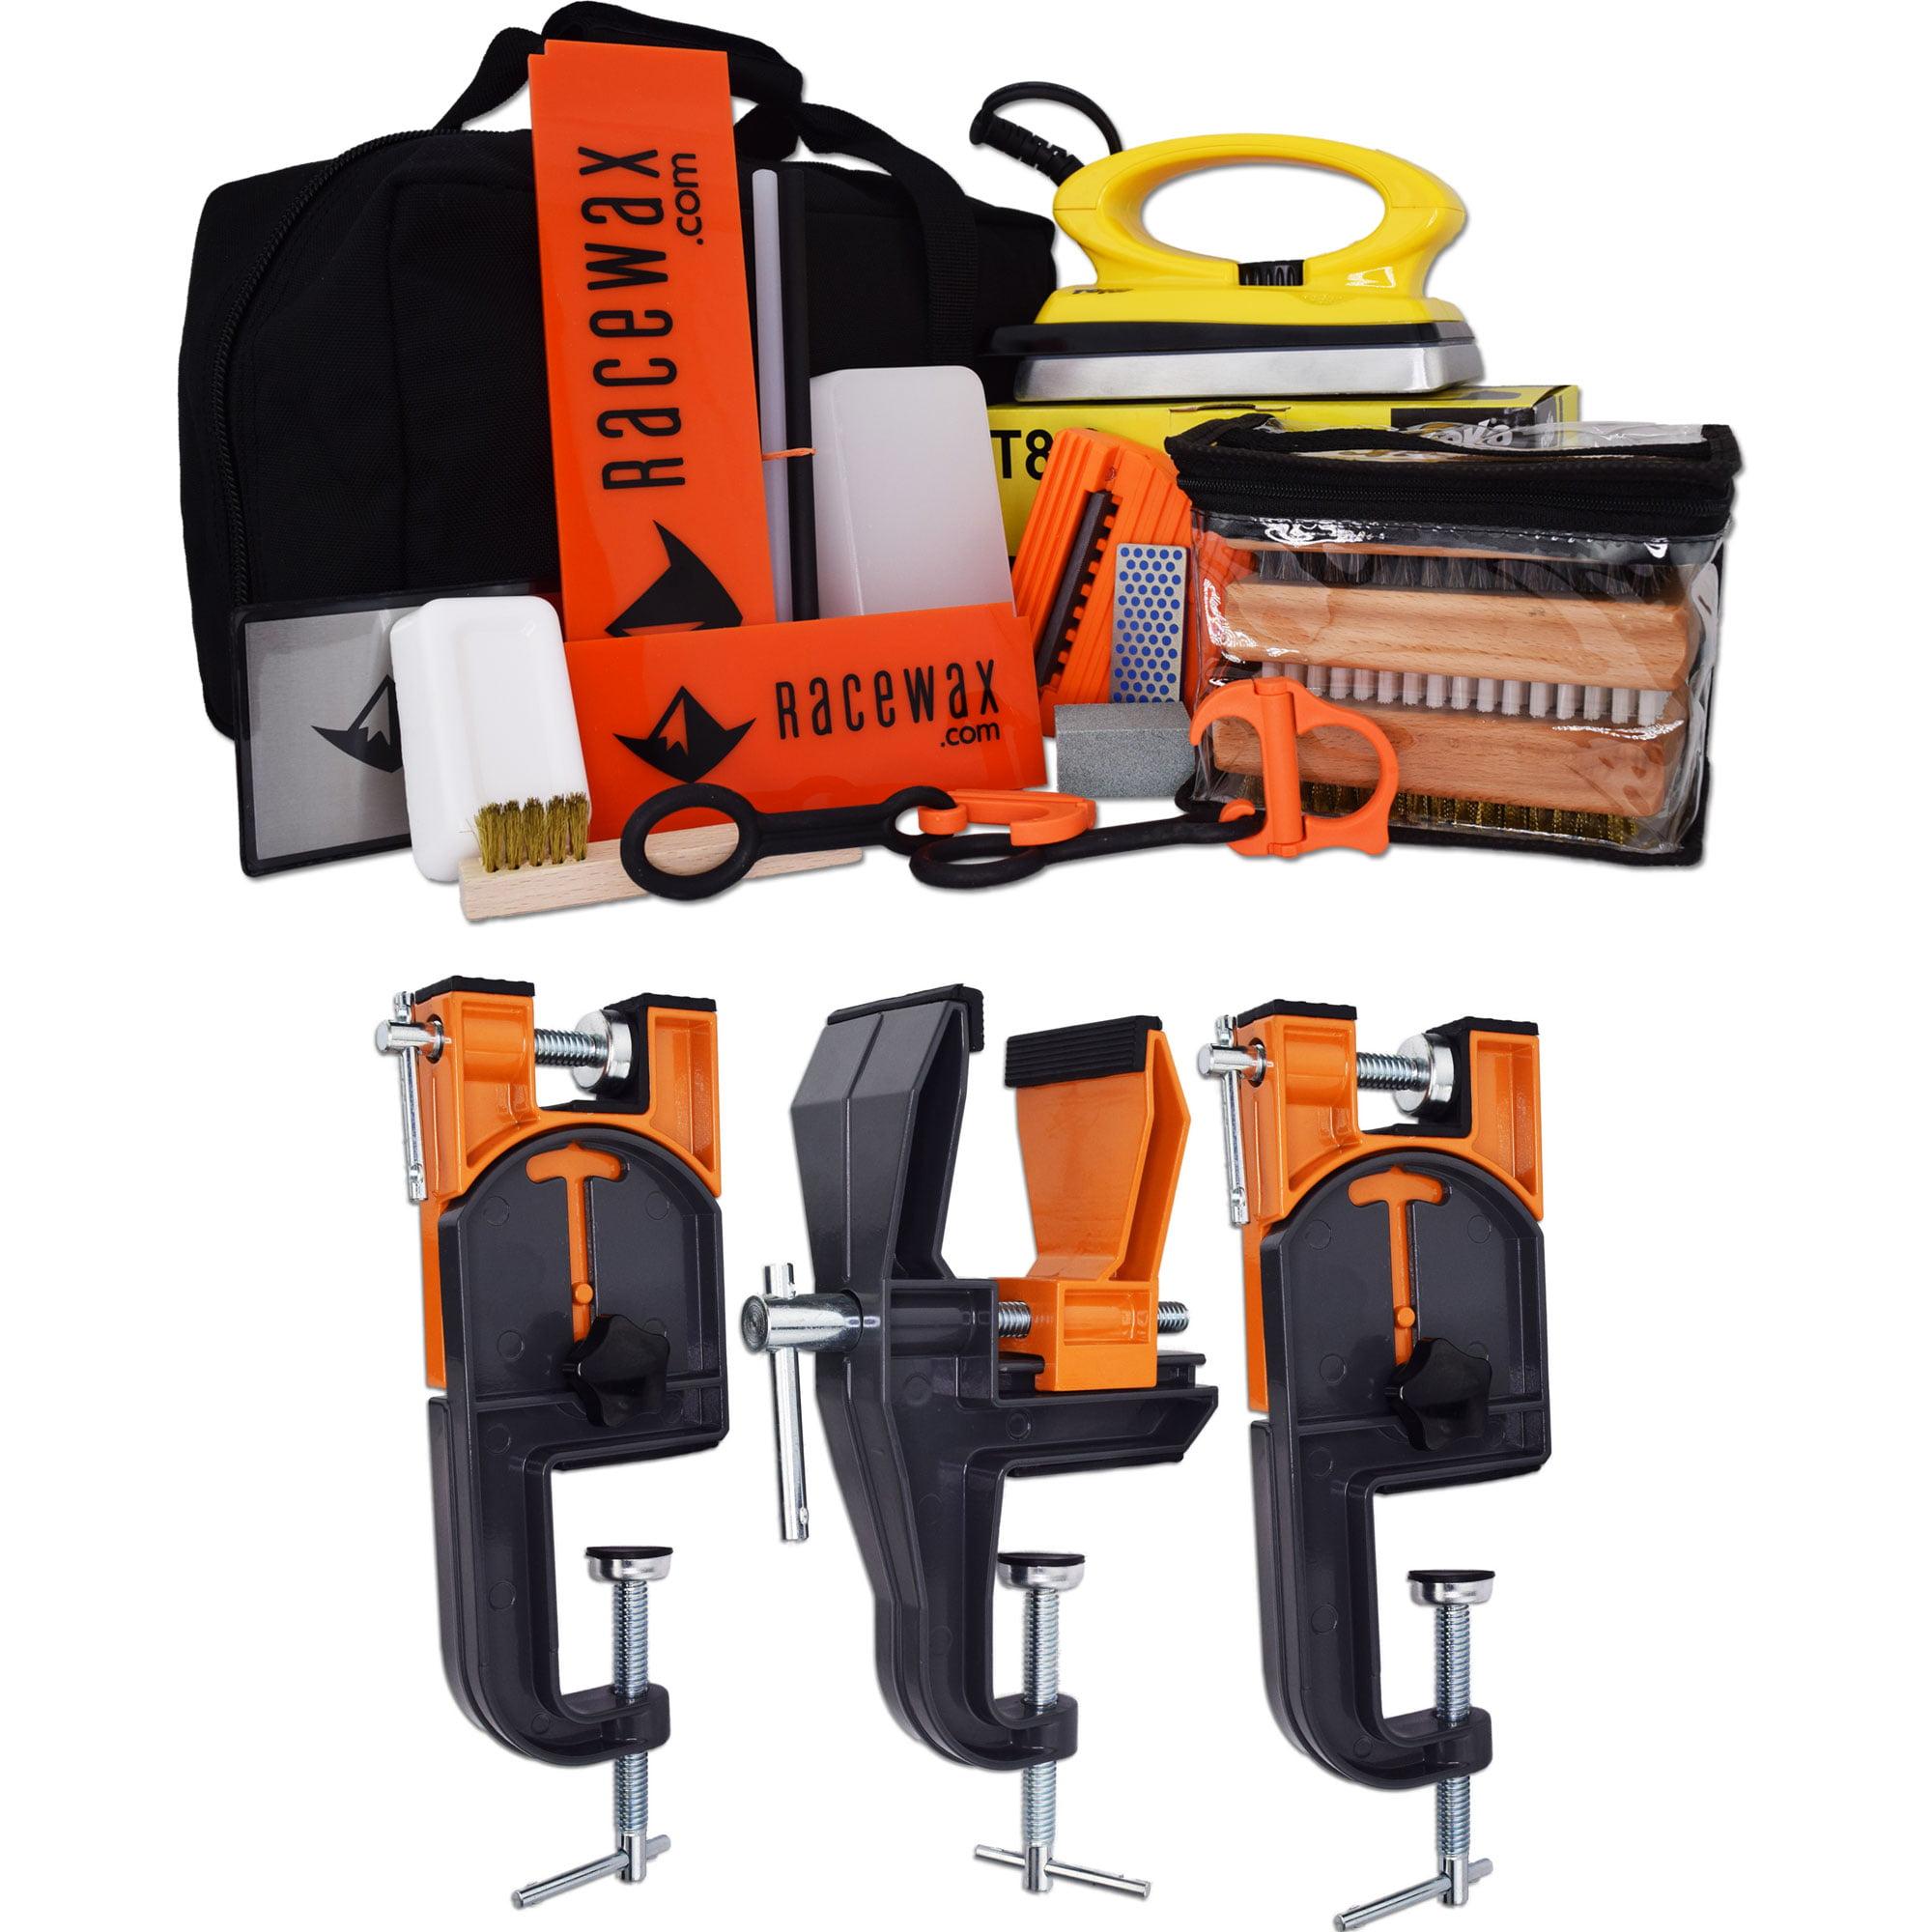 RaceWax Podium Ski Wax Tuning Kit Plus Ski Vise (Accepts Snowboard Adapter) by RaceWax